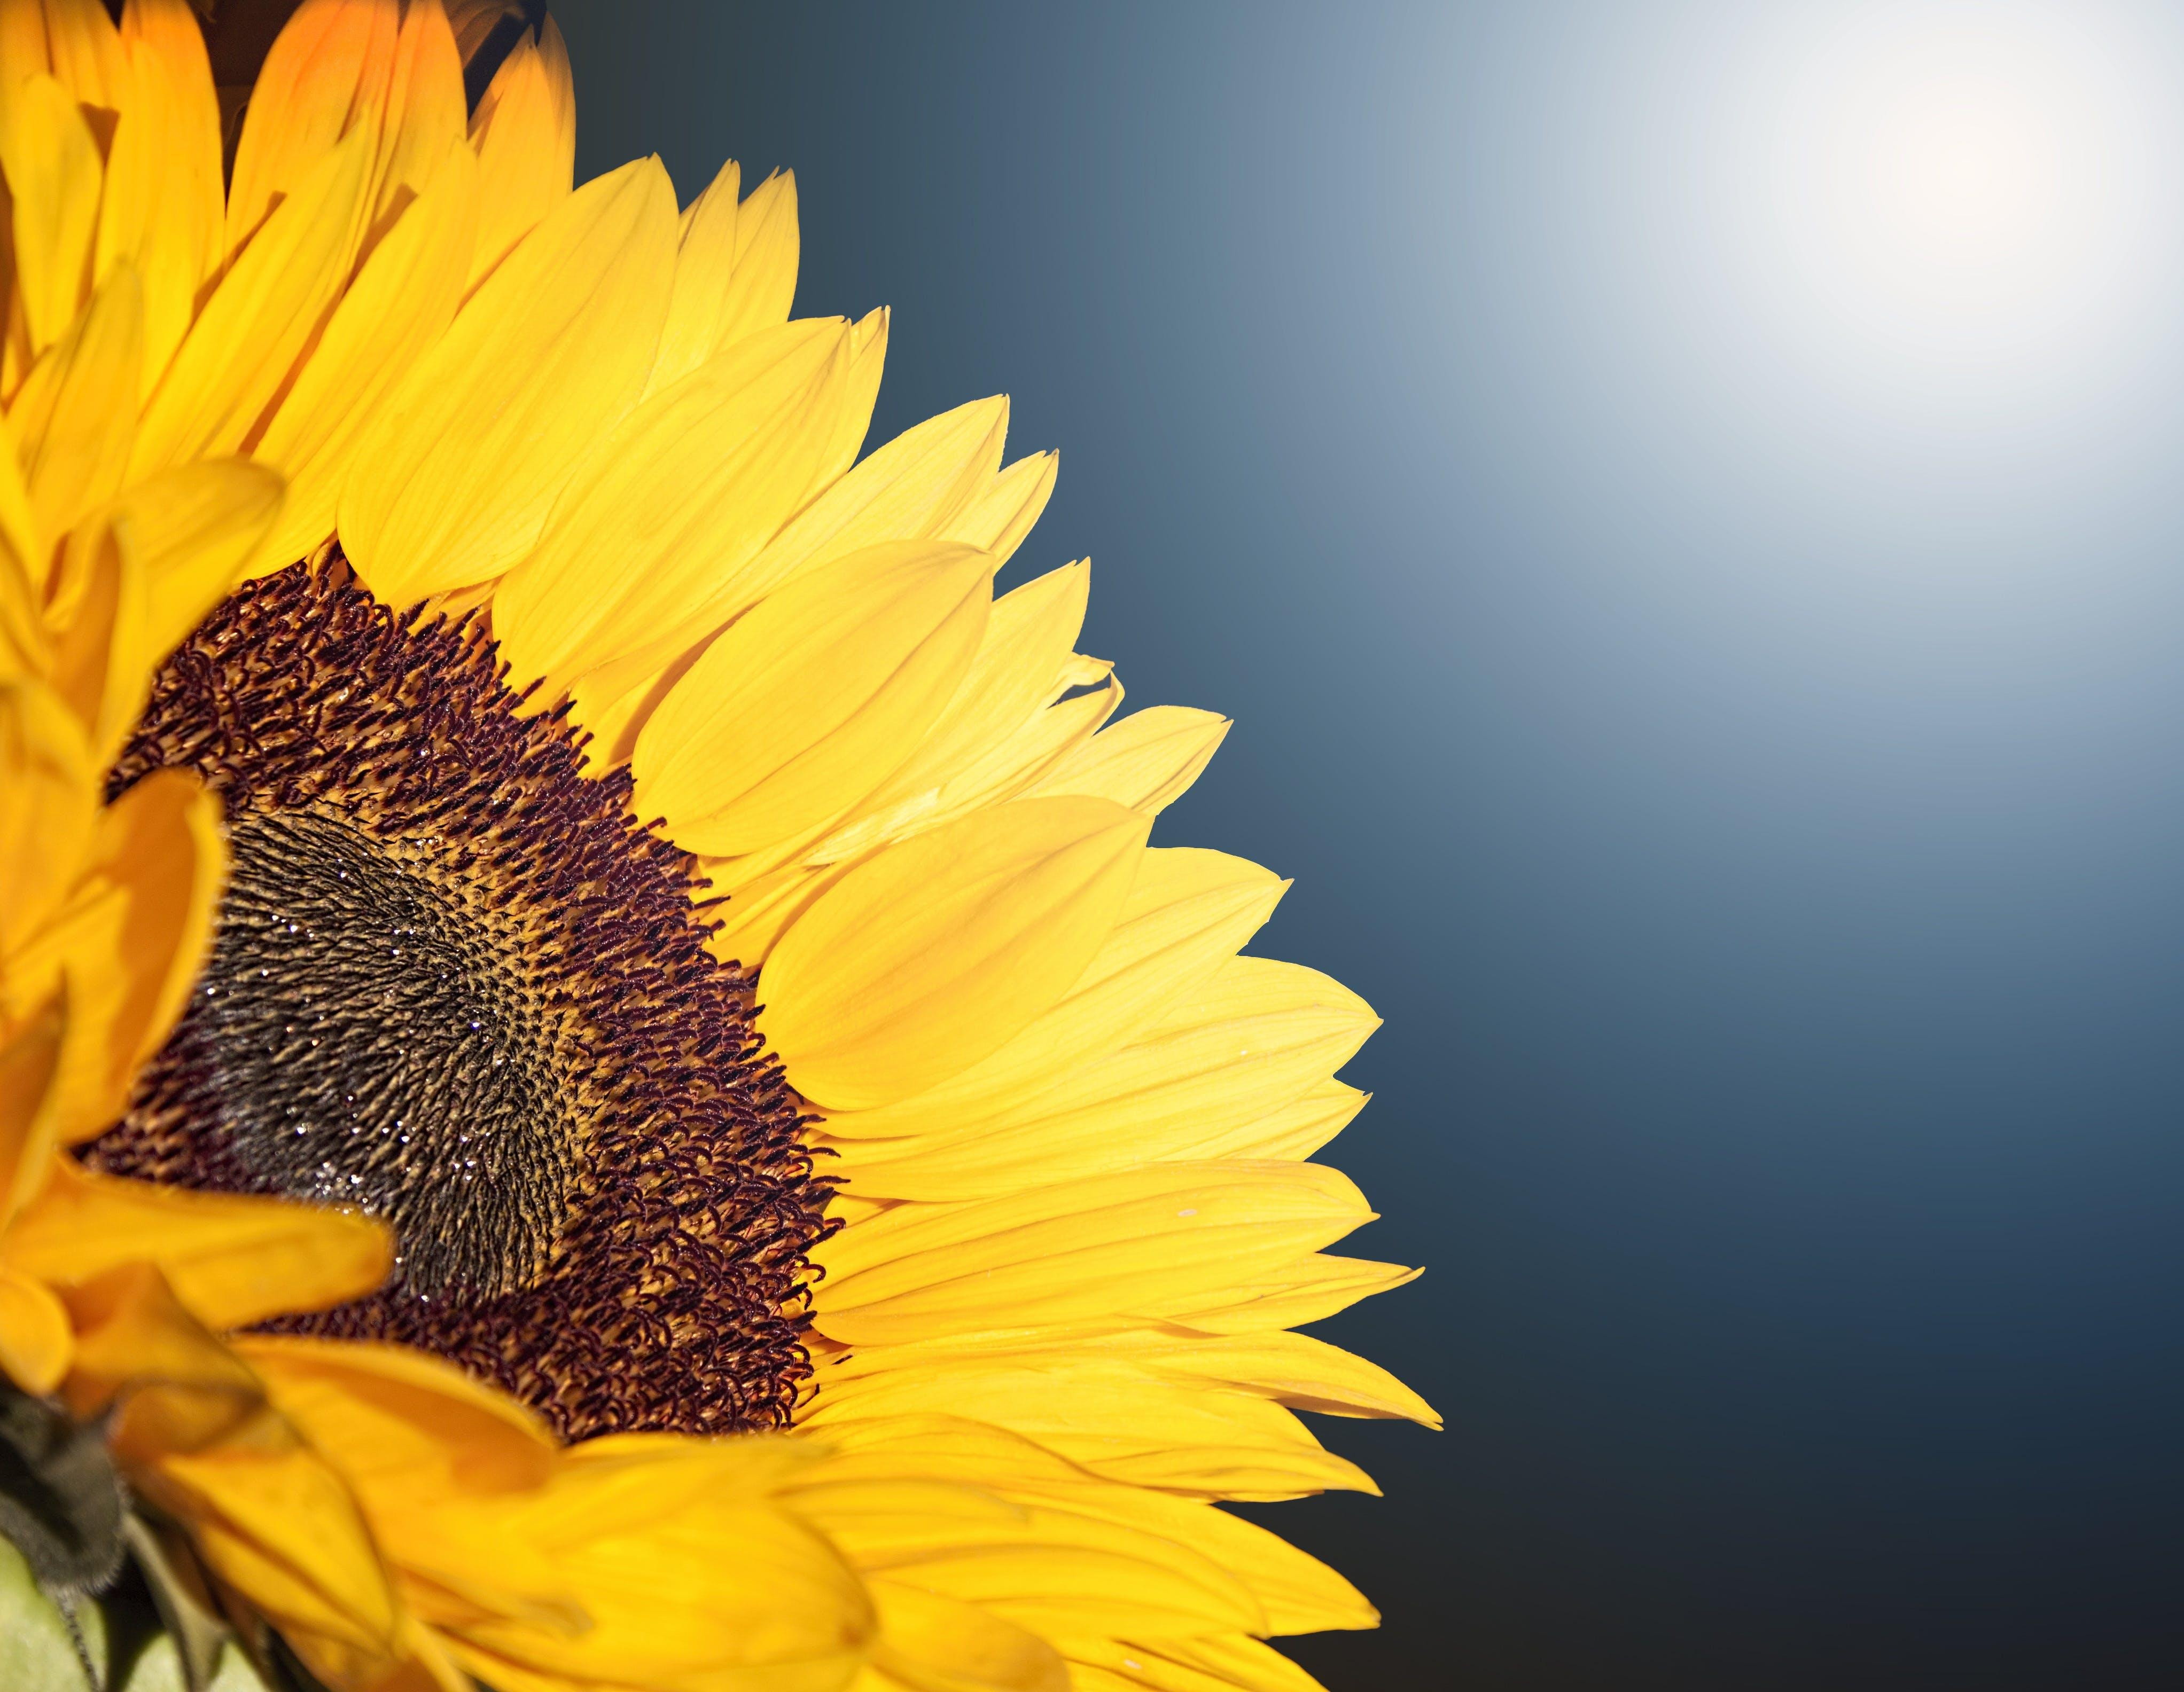 Ảnh lưu trữ miễn phí về cận cảnh, cánh hoa, hệ thực vật, Hình nền HD